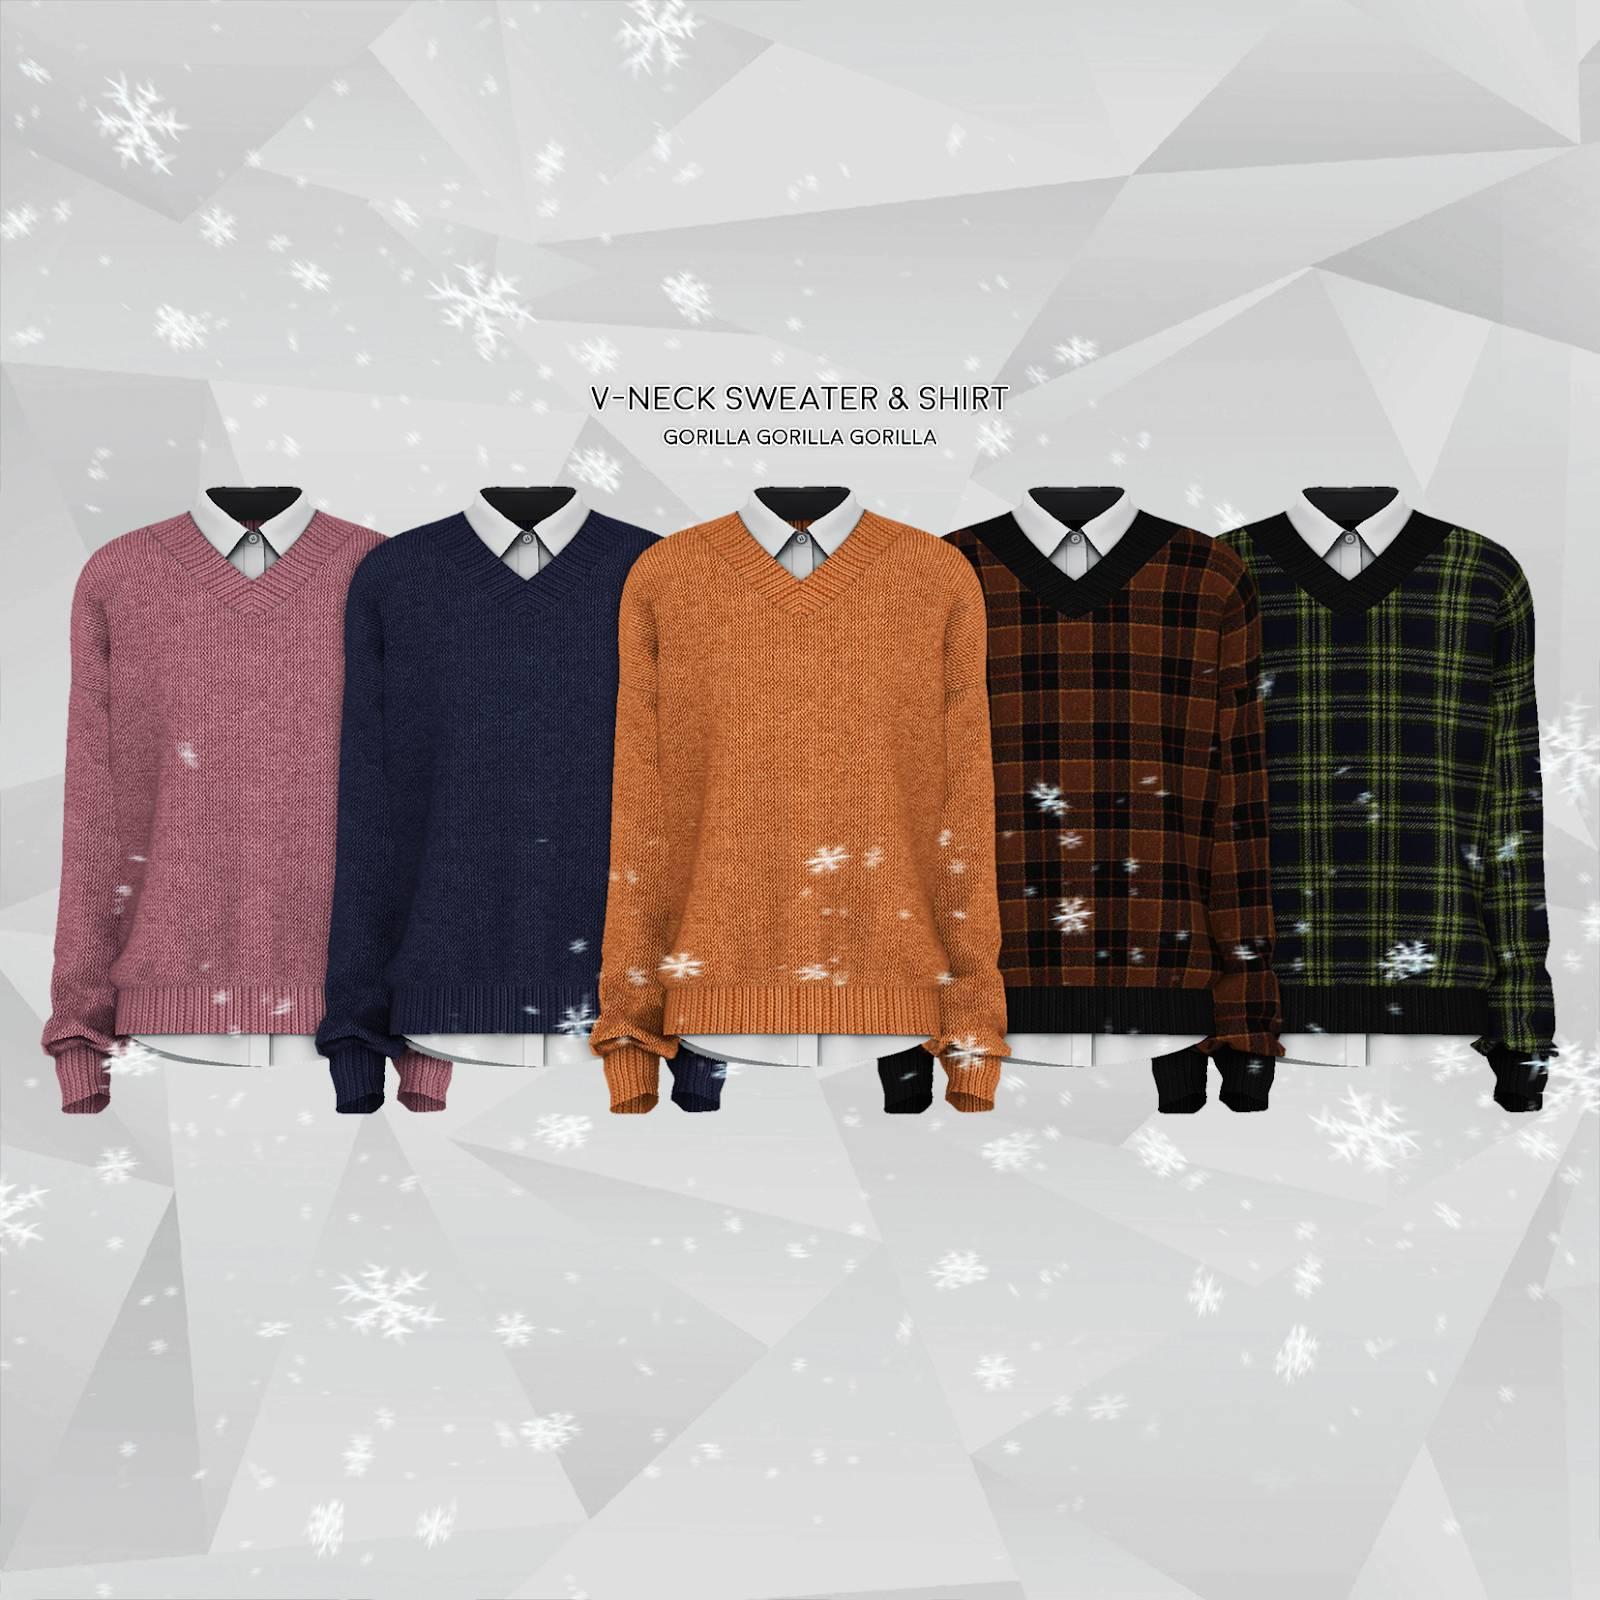 Джемпер и рубашка - V-Neck Sweater & Shirt